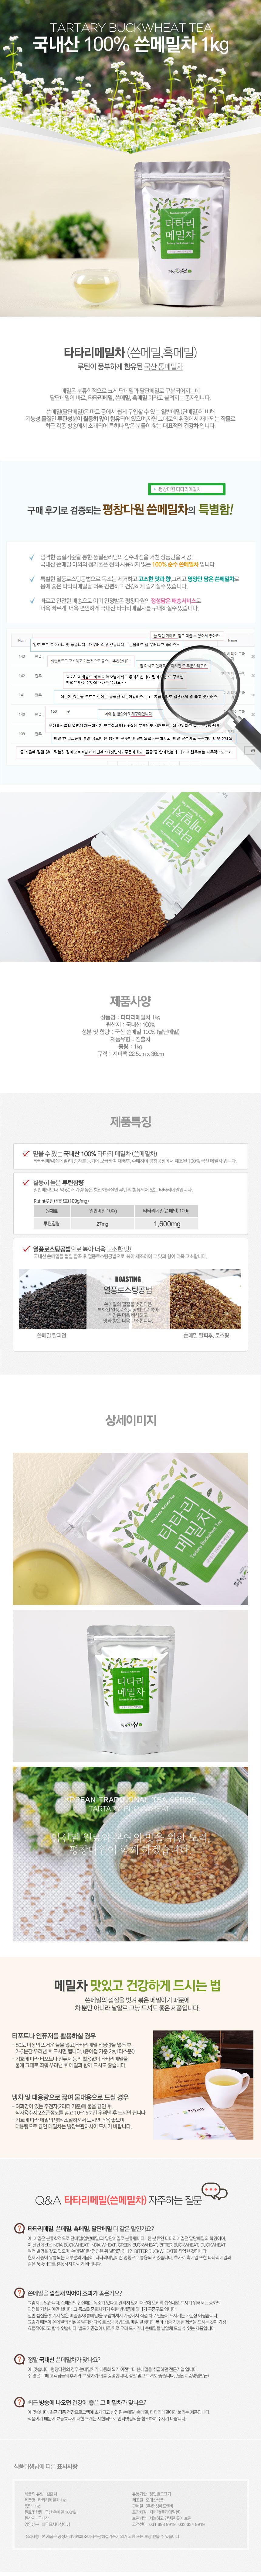 [쓴메밀차] 국내산 타타리메밀차 1kg / 볶은쓴메밀차 - 평창다원, 77,000원, 차, 우롱차/전통차/한방차